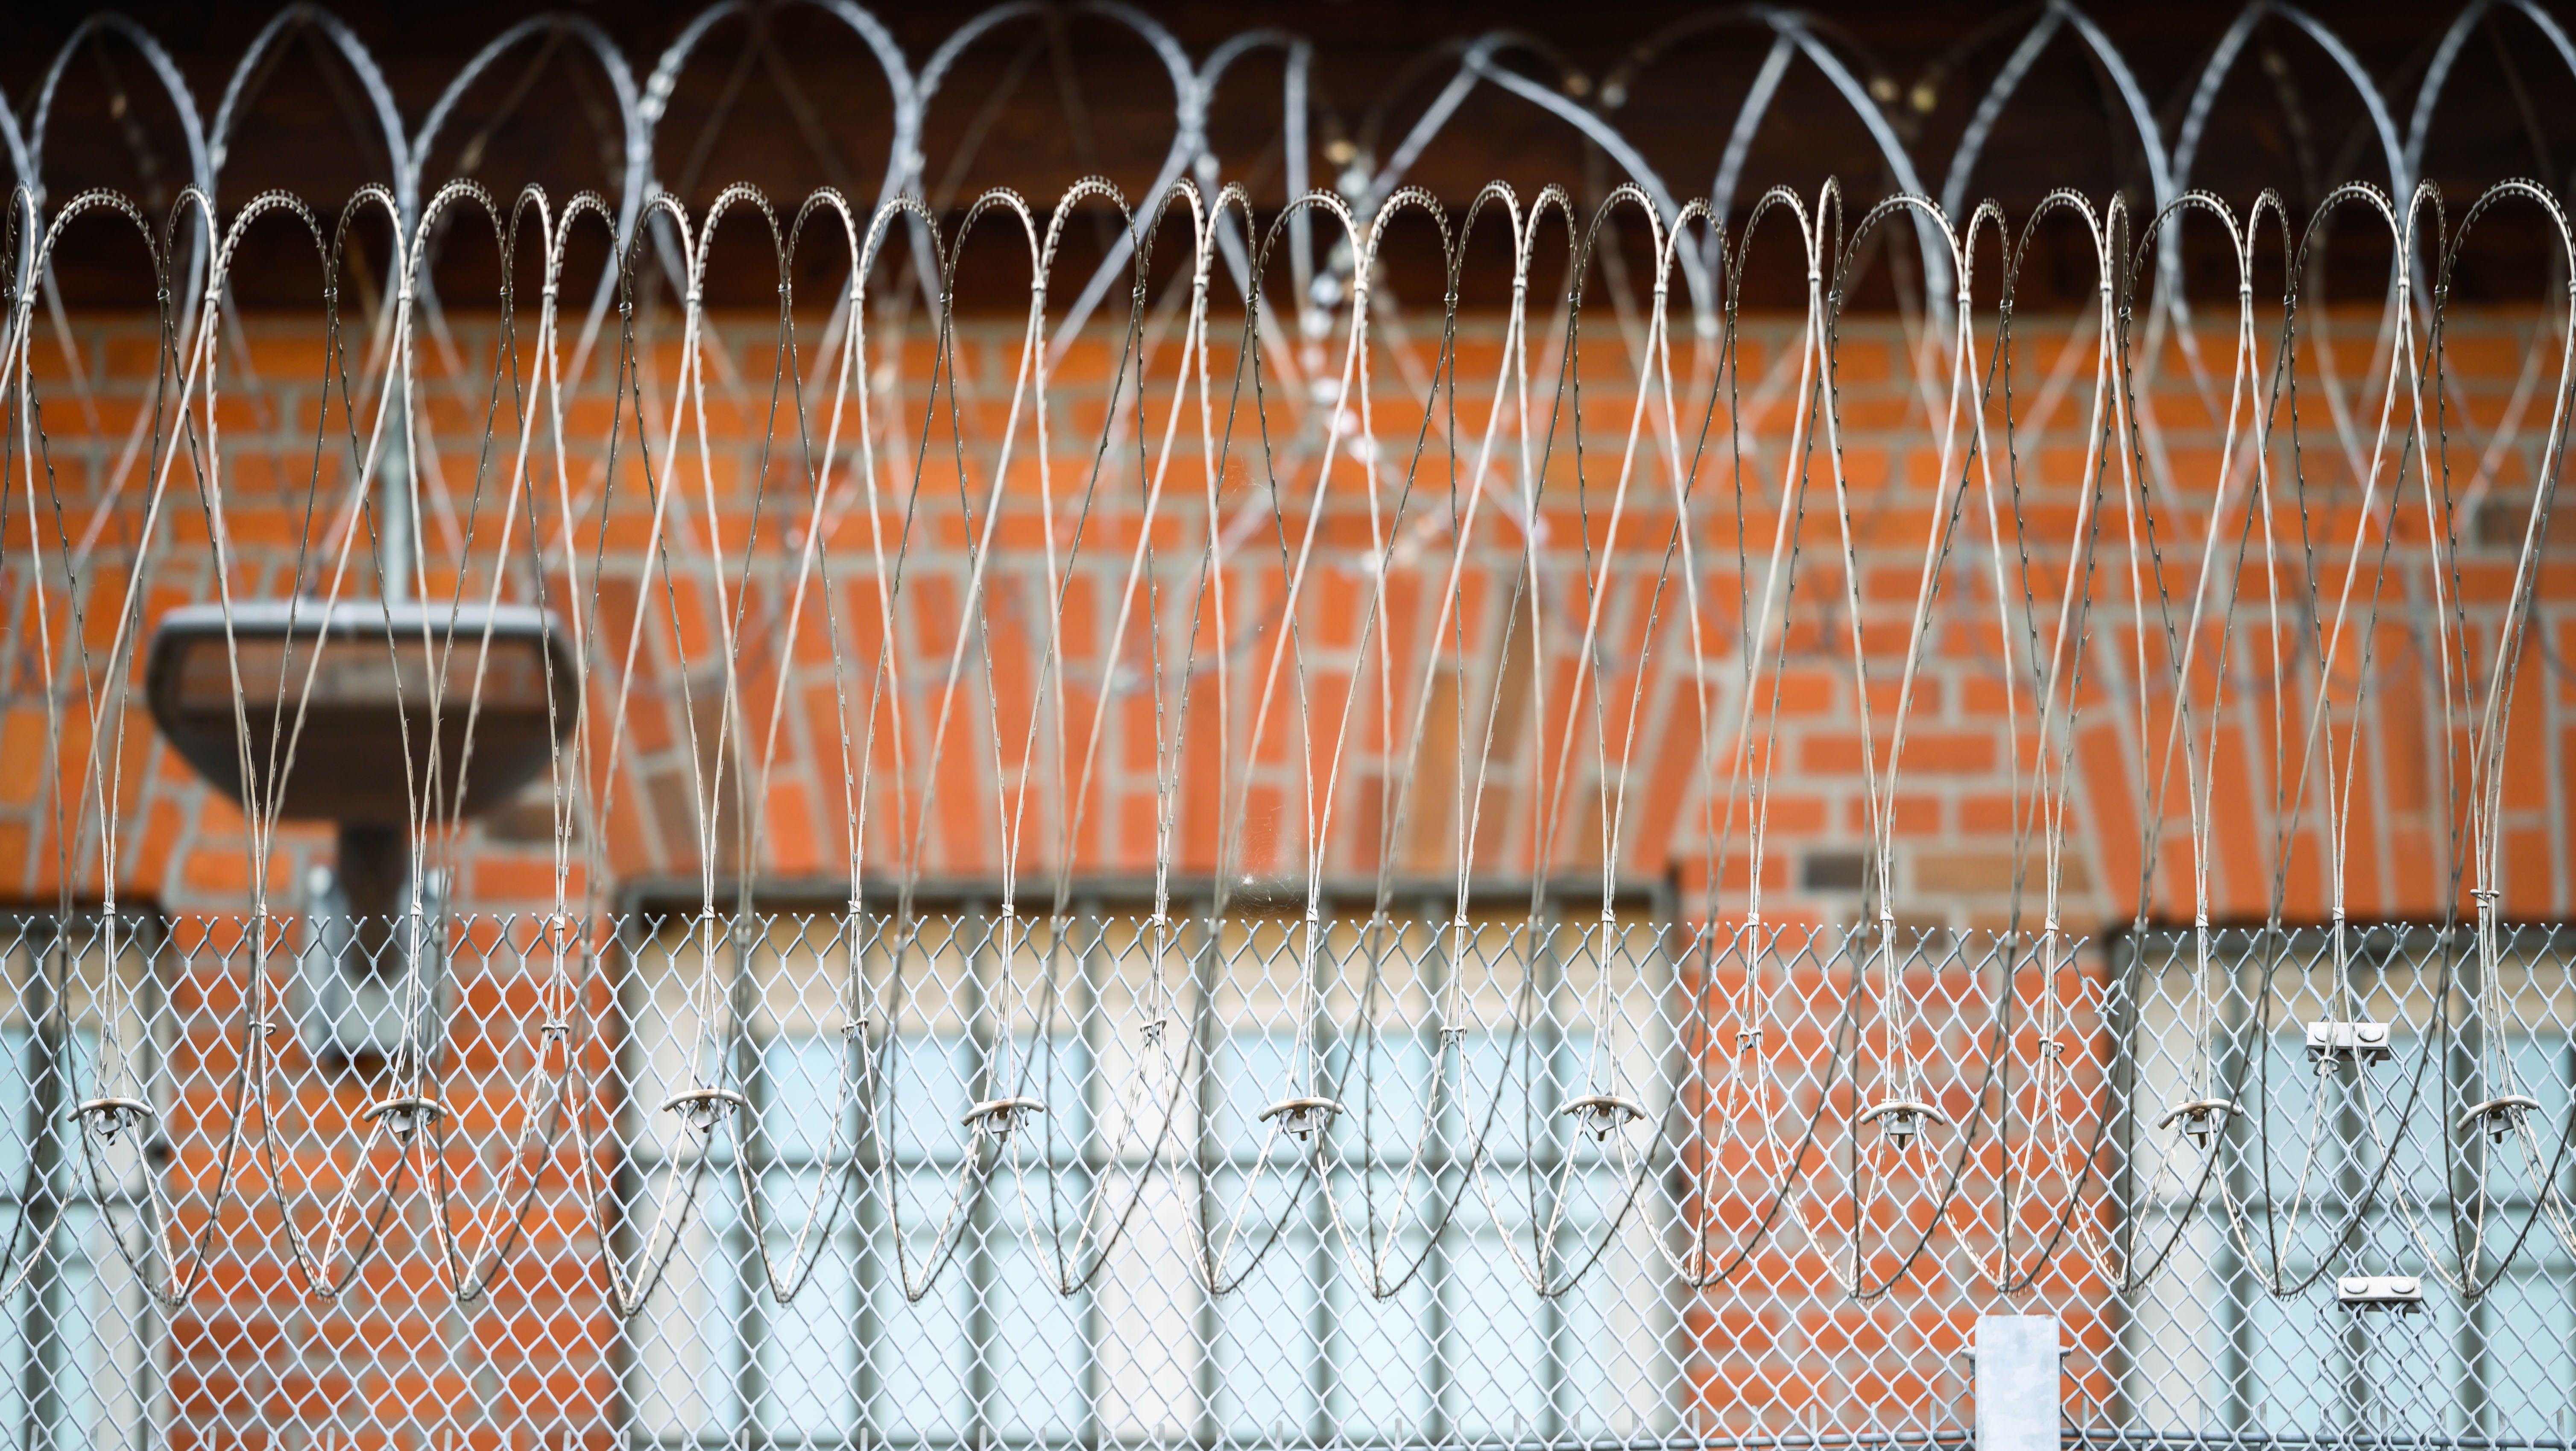 Gefängniszaun (Symbolbild)